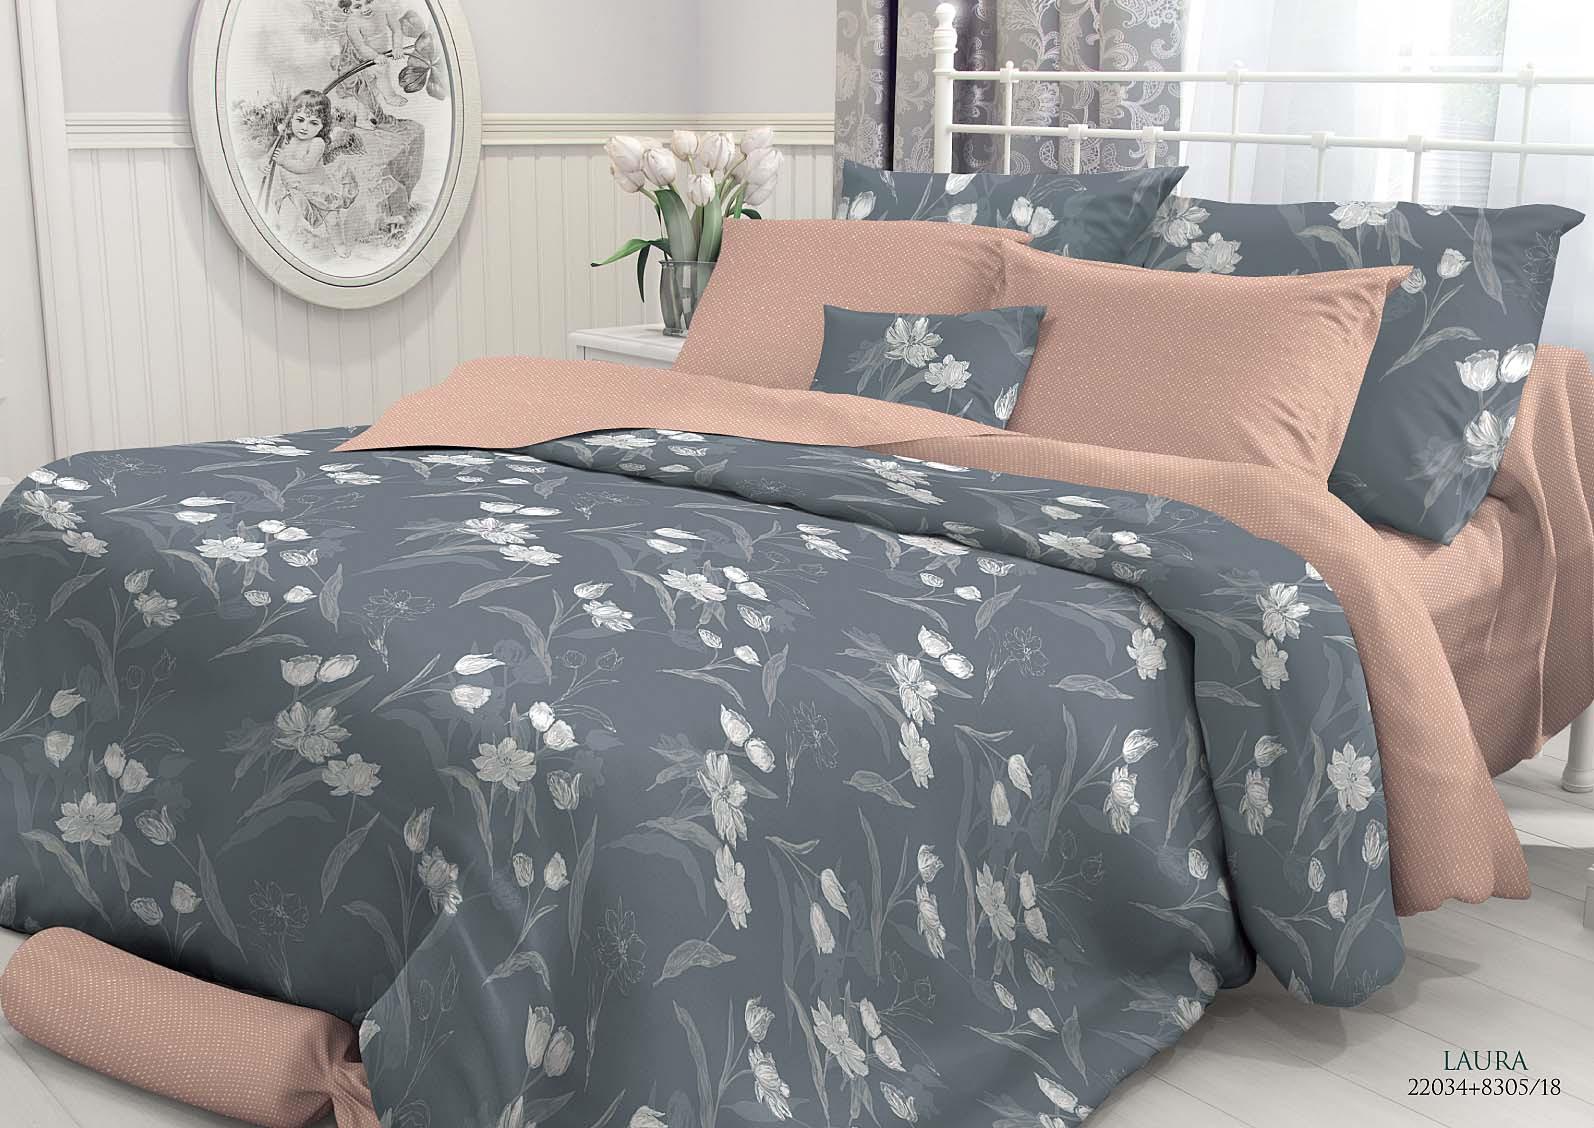 Комплект белья Verossa Laura, 2-спальный, наволочки 50x70